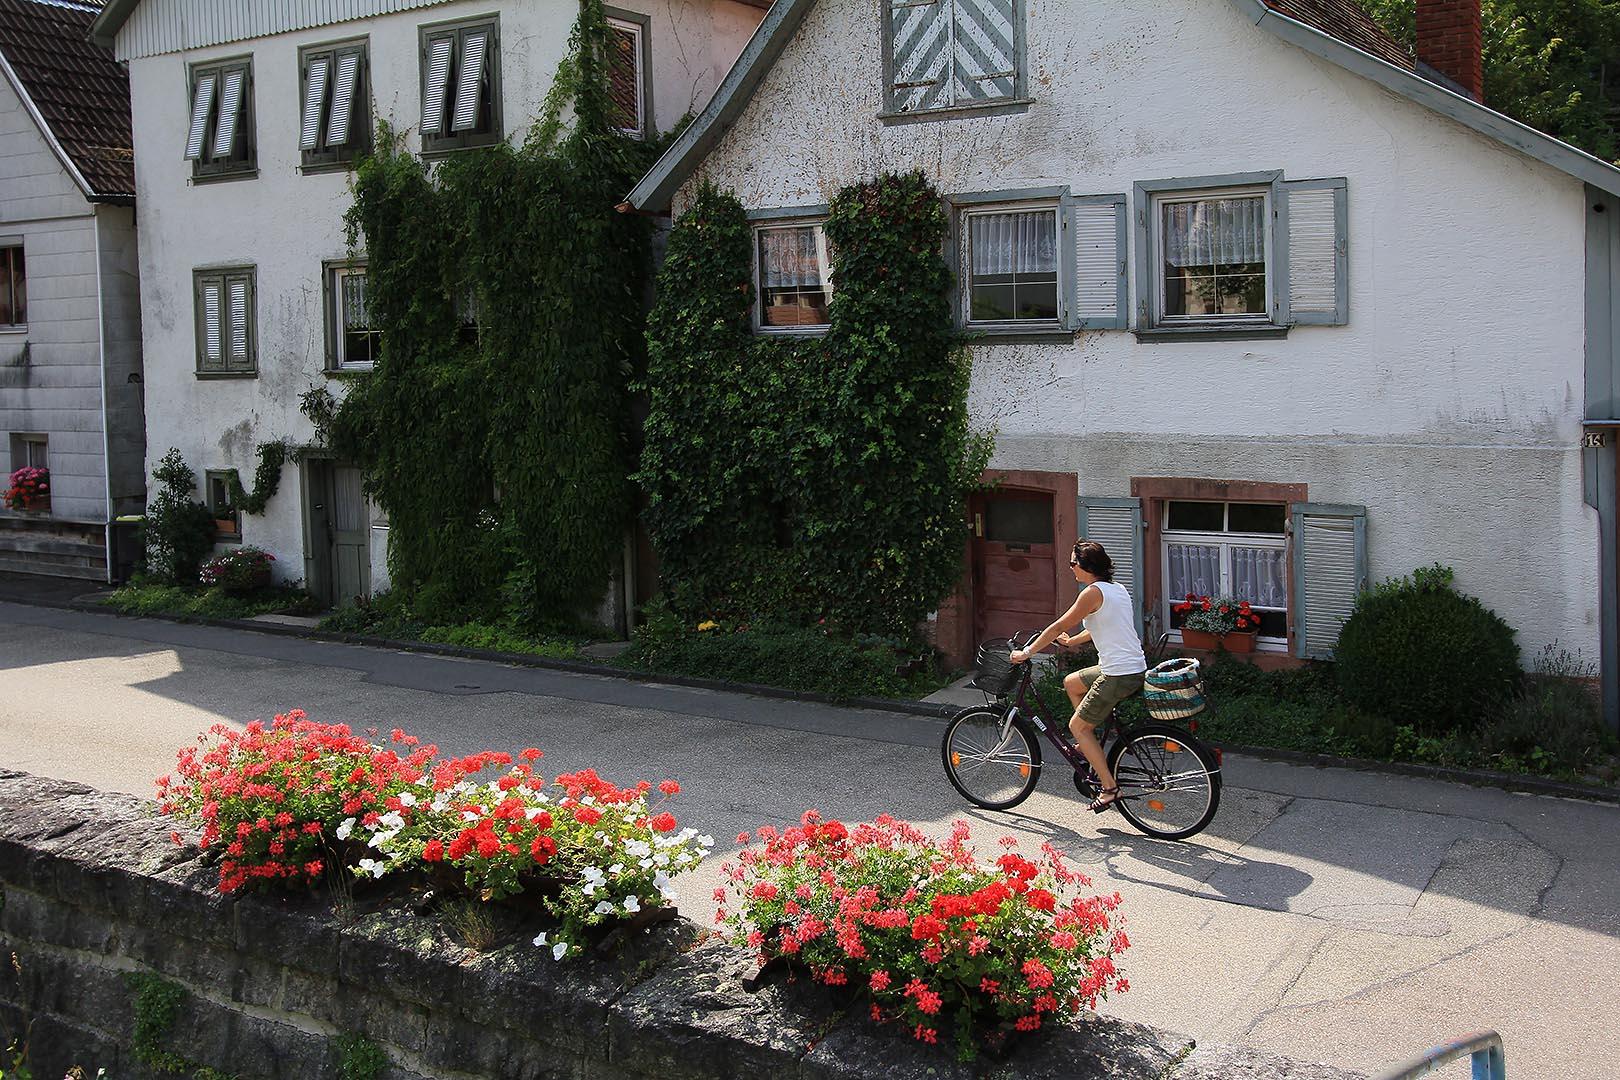 Cyclistes allemands - Chambre d hotes foret noire allemagne ...